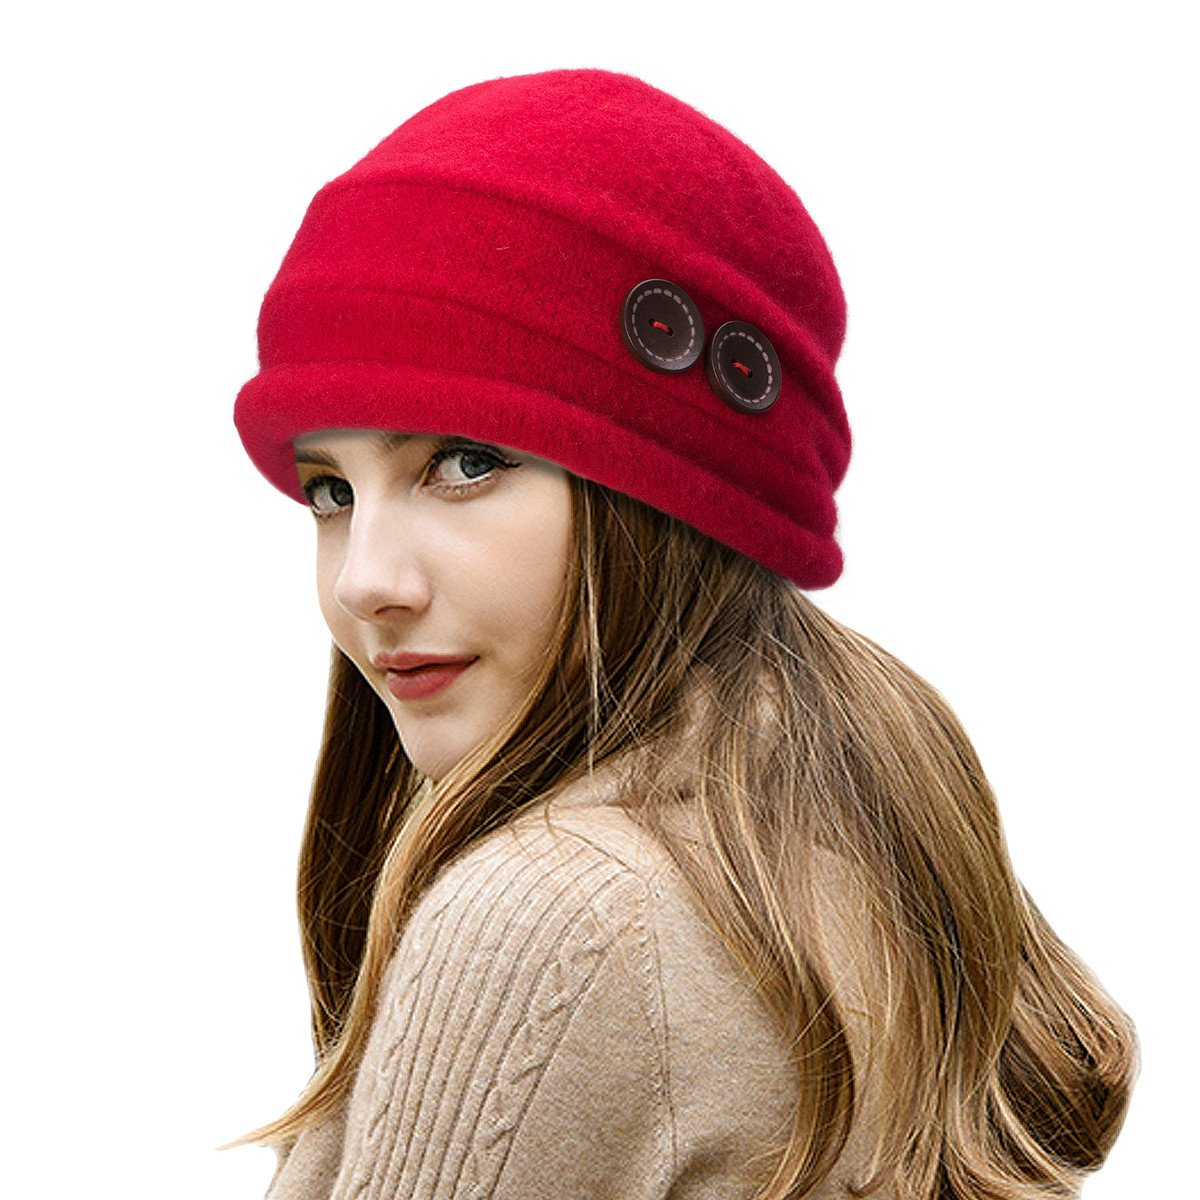 Lawliet New Womens 100% Wool Slouchy Wrinkle Button Winter Bucket Cloche Hat T178 T178wine